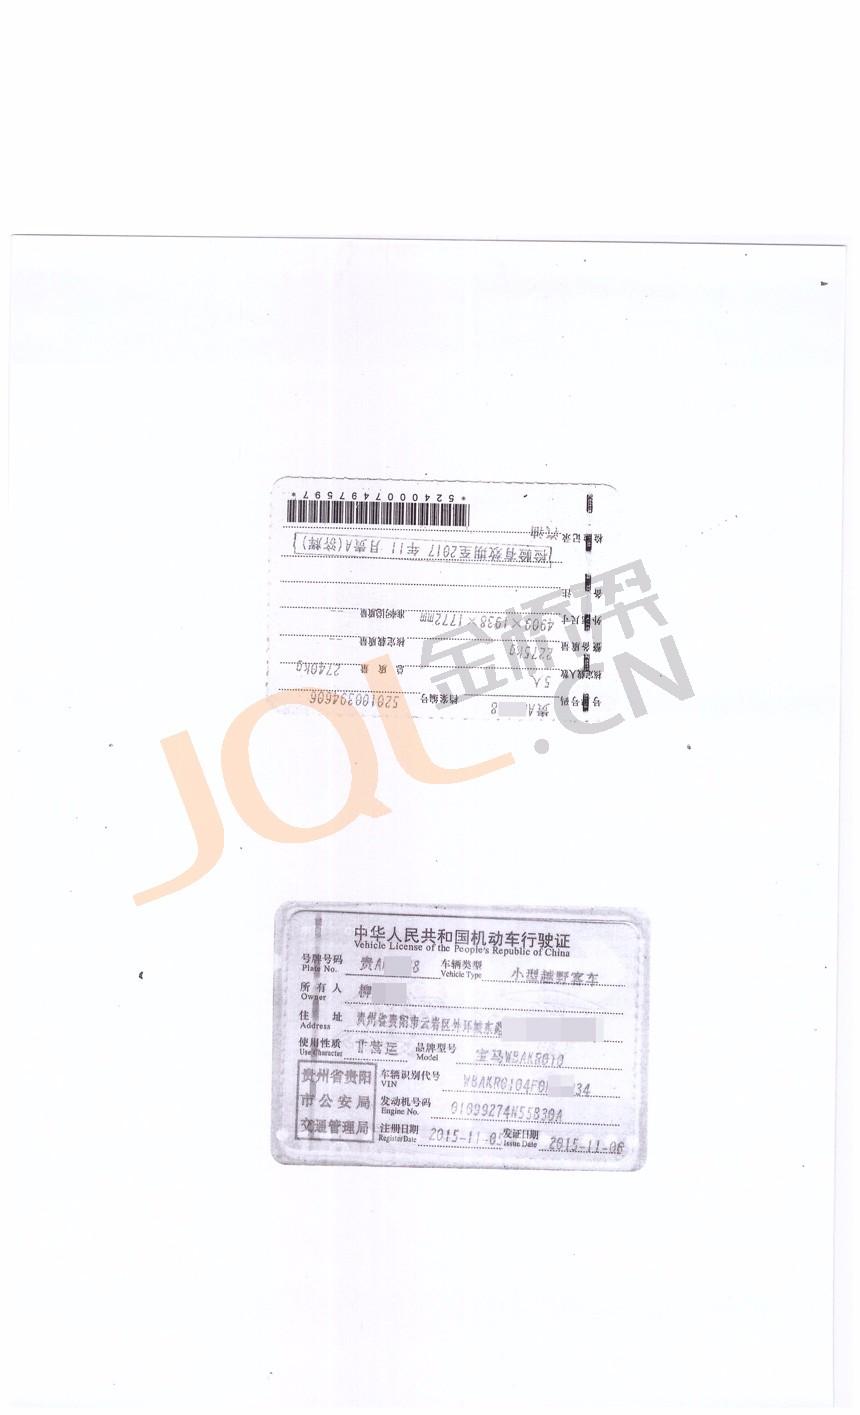 https://image.jql.cn/upload/images/20180500331/borrow_201805145310198479.jpg